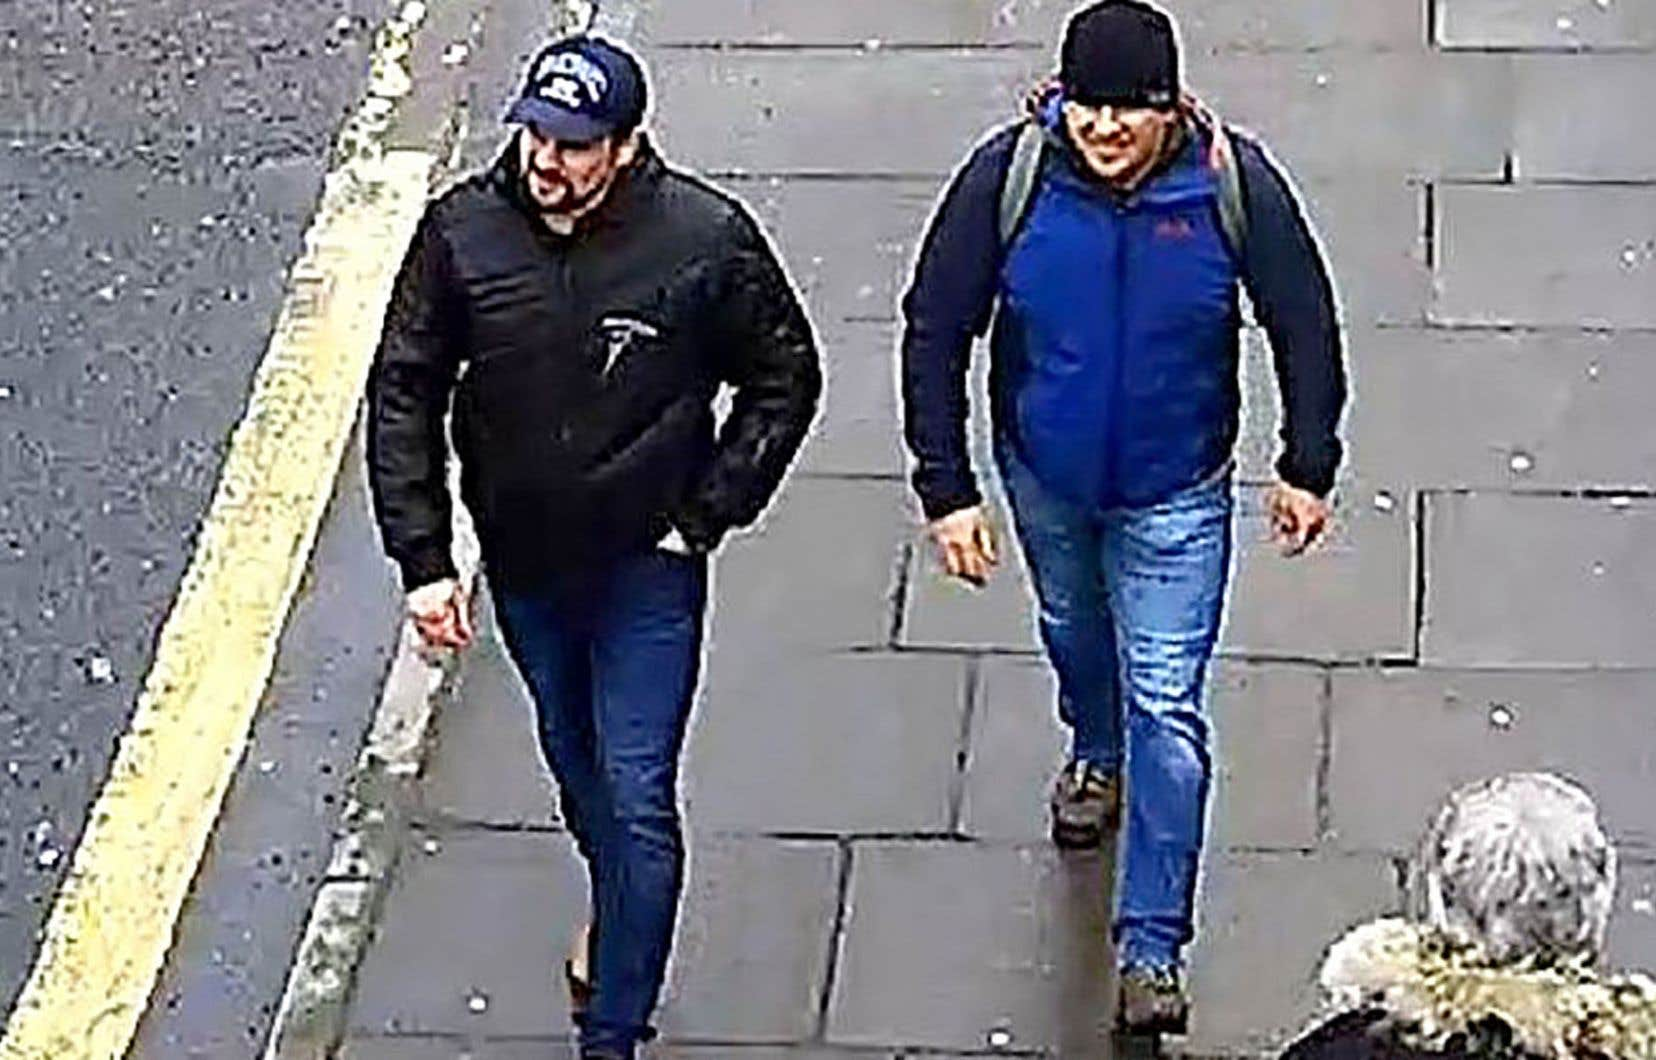 Les deux hommes en question ressemblent aux deux suspects dont les photos ont été diffusées par le Royaume-Uni.